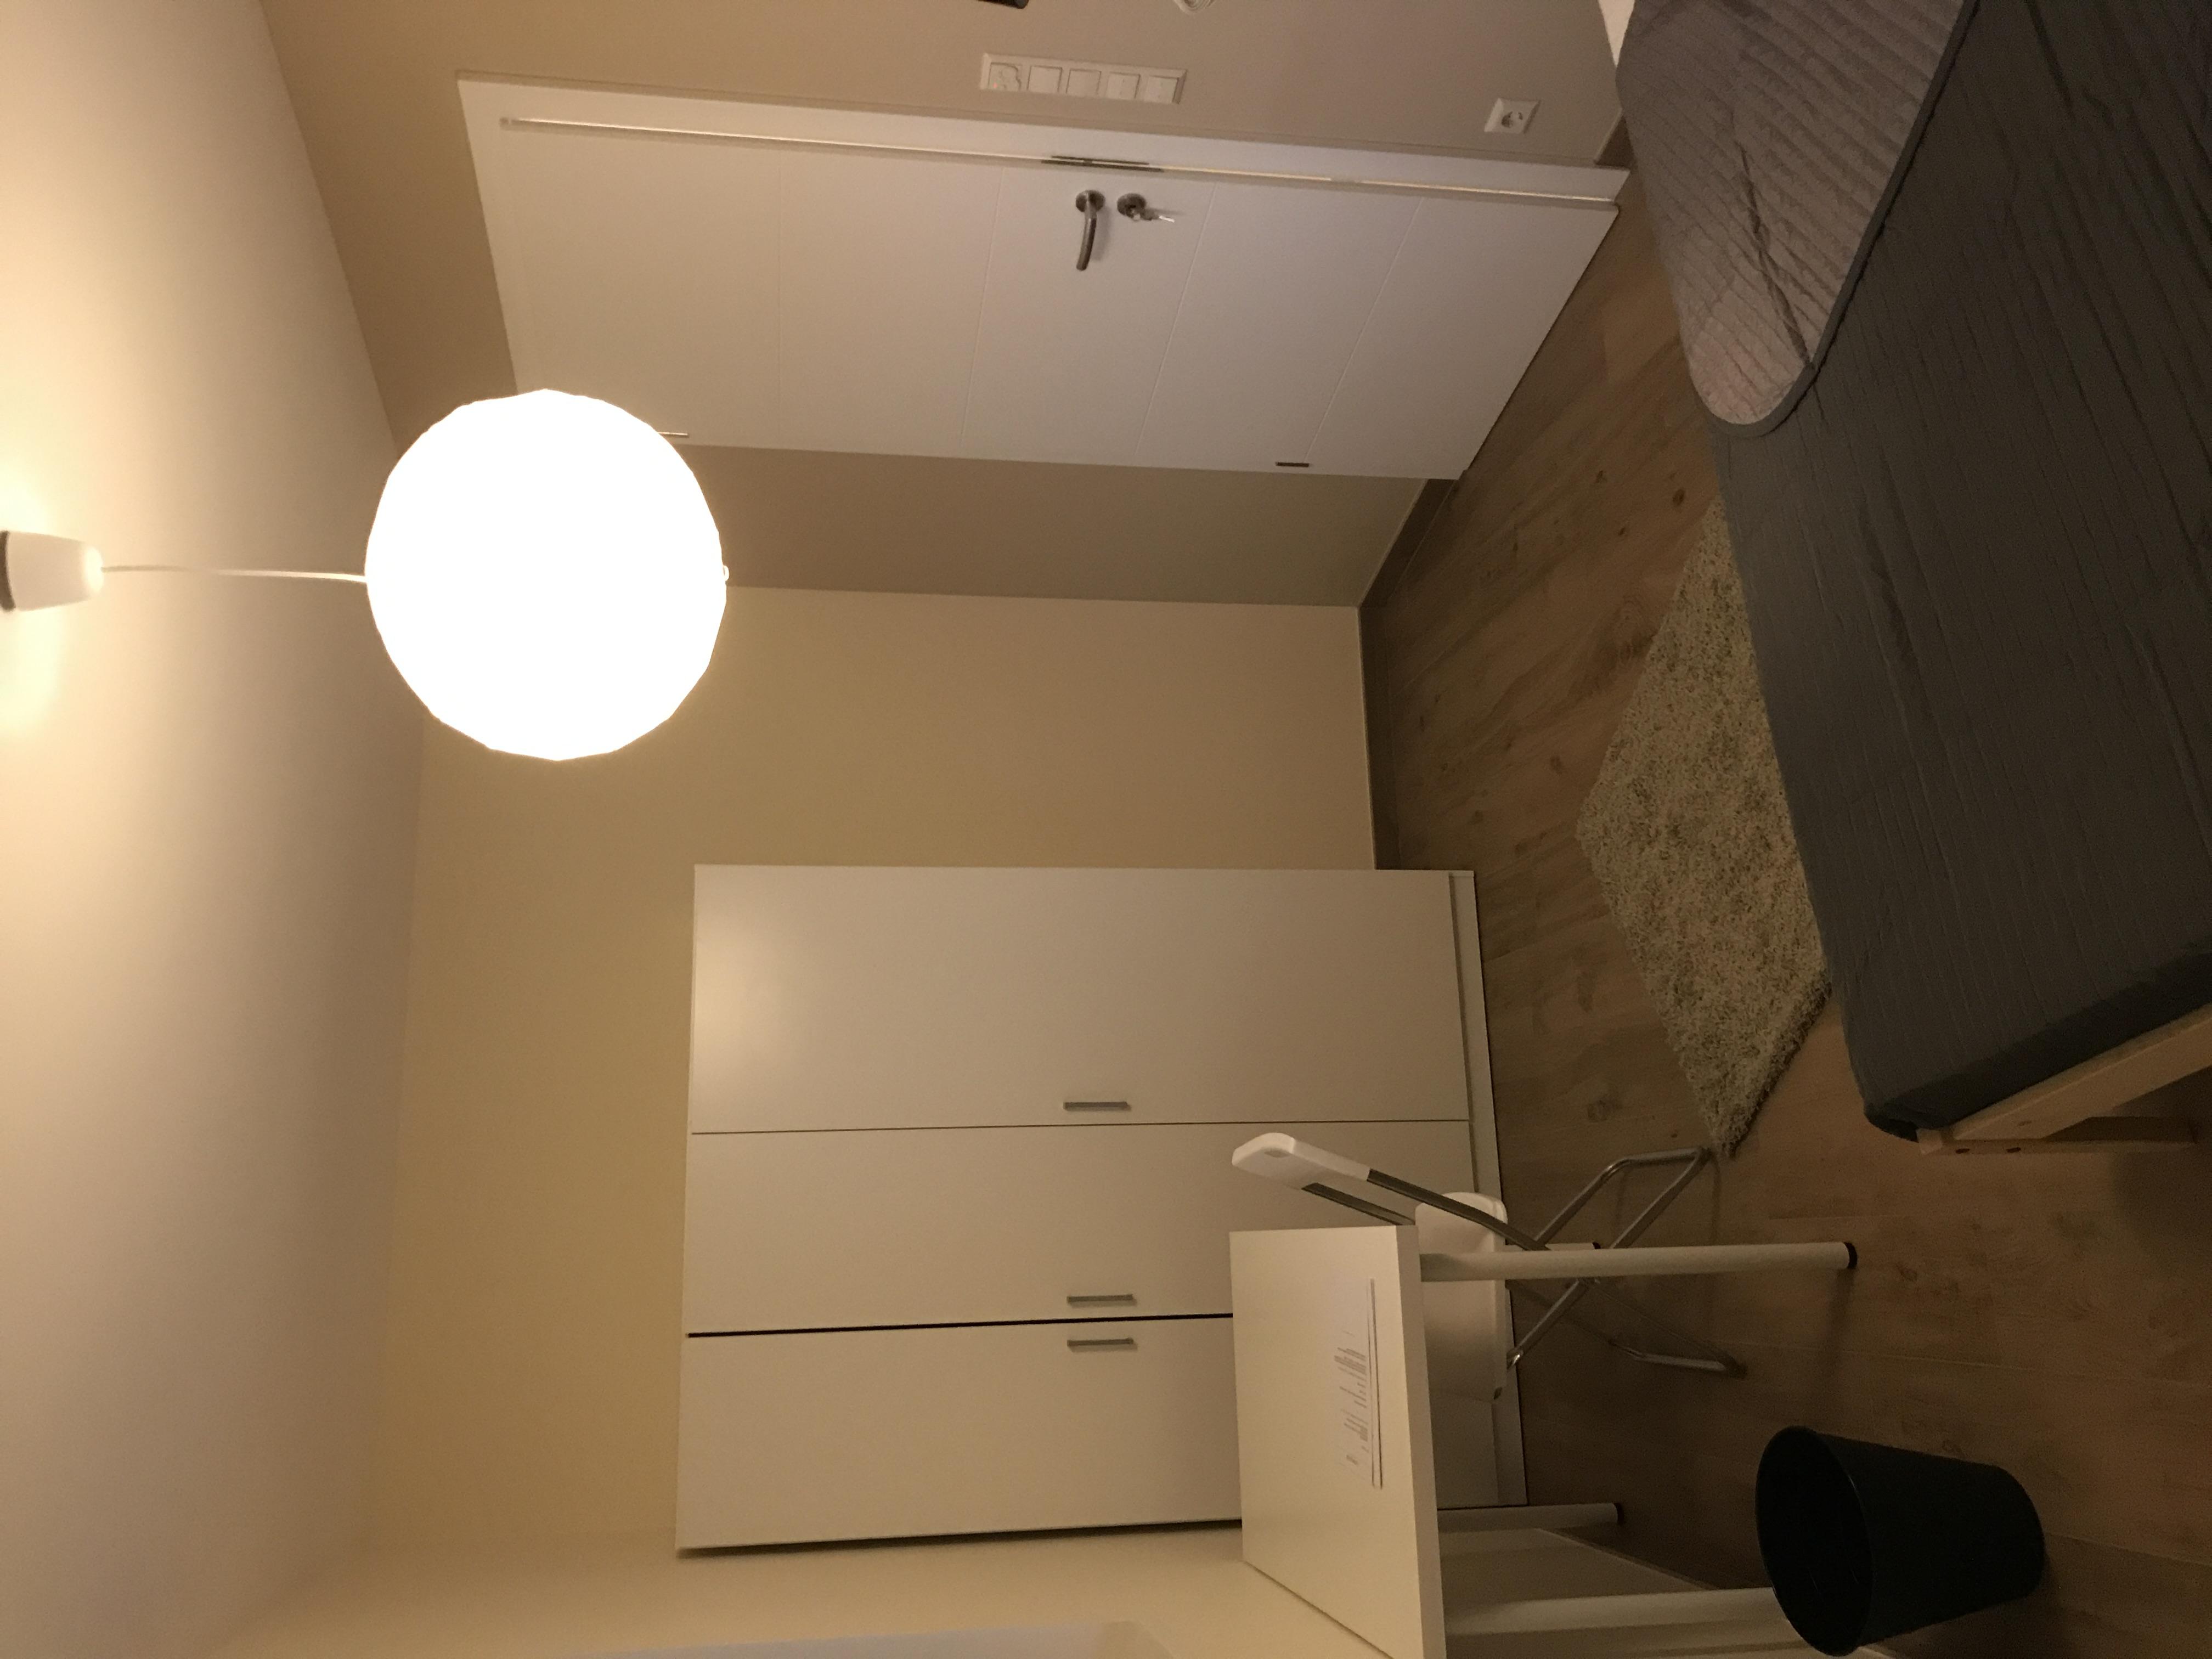 chambre en bazar chez ikea rangements et gain de place sont des priorits ici cadre de astuces. Black Bedroom Furniture Sets. Home Design Ideas